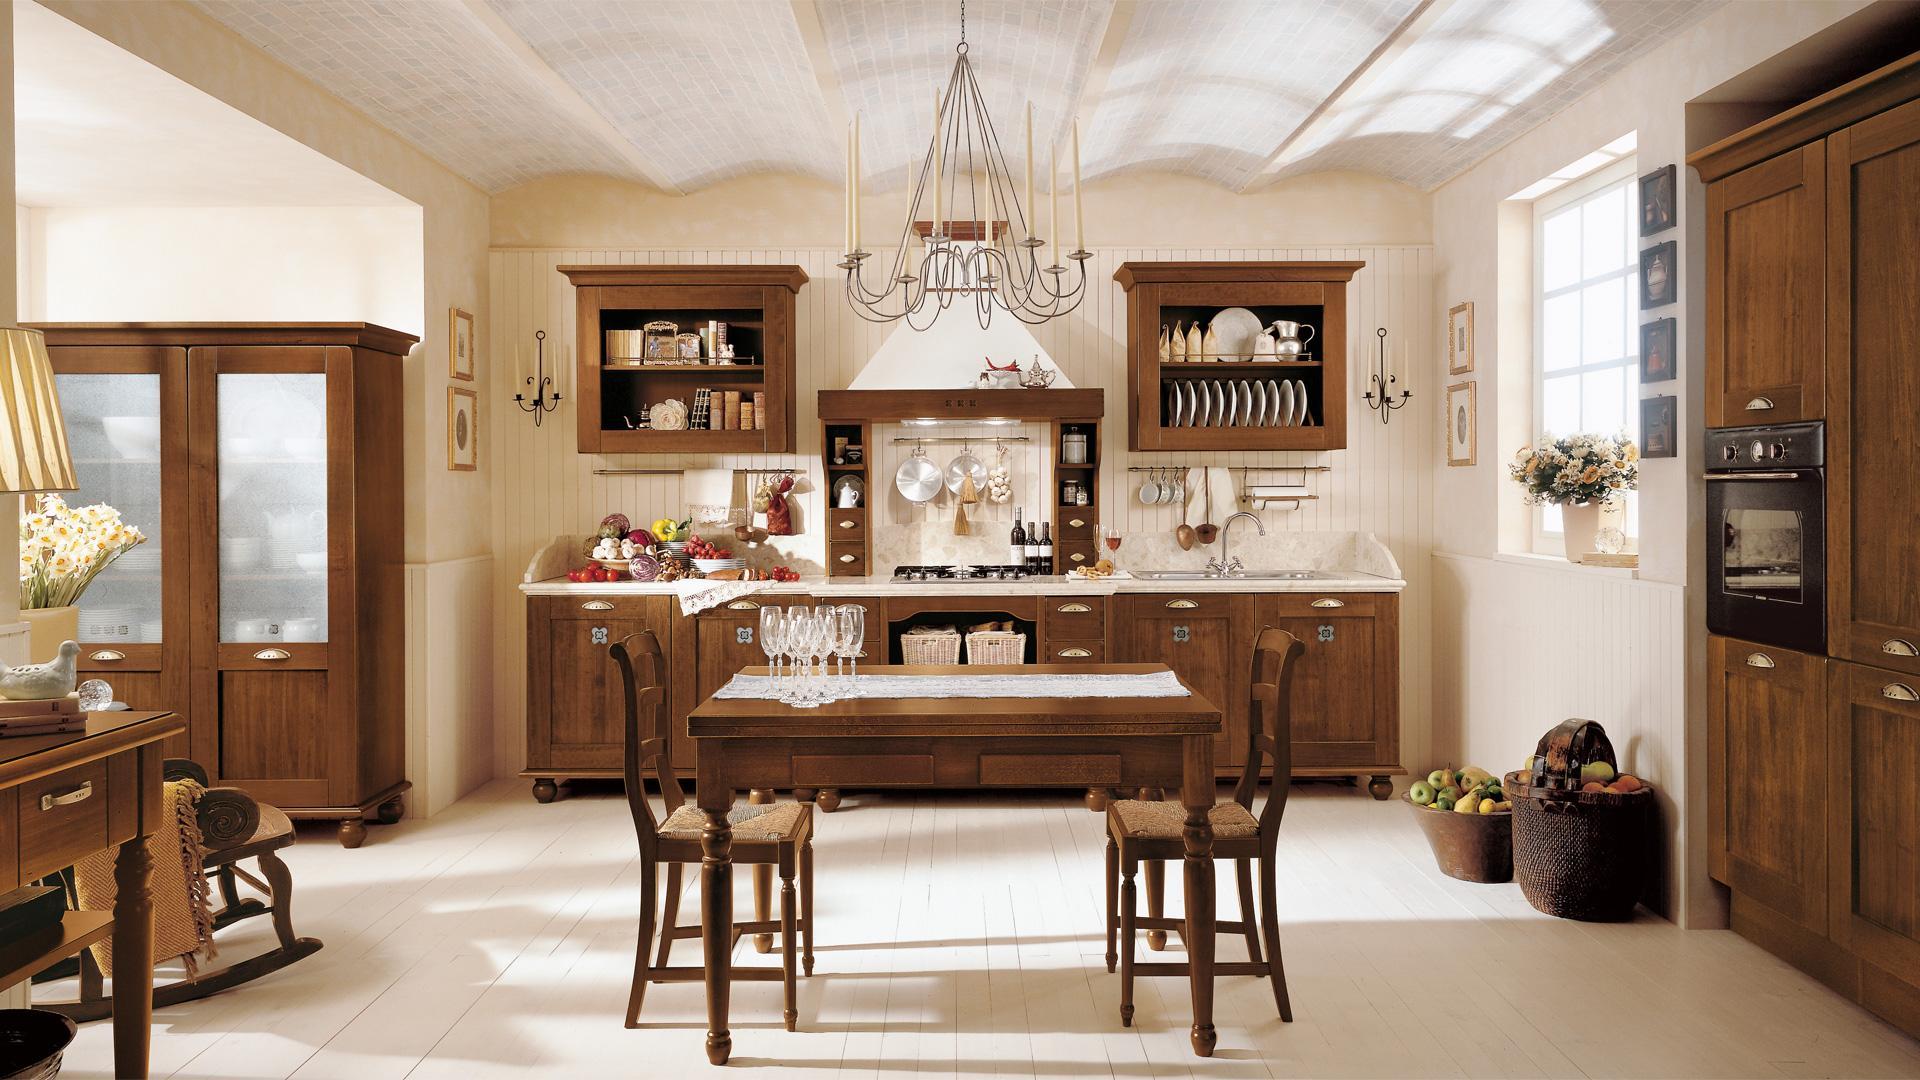 Le cucine rustiche di mondo convenienza e lube for Casa rustica classica